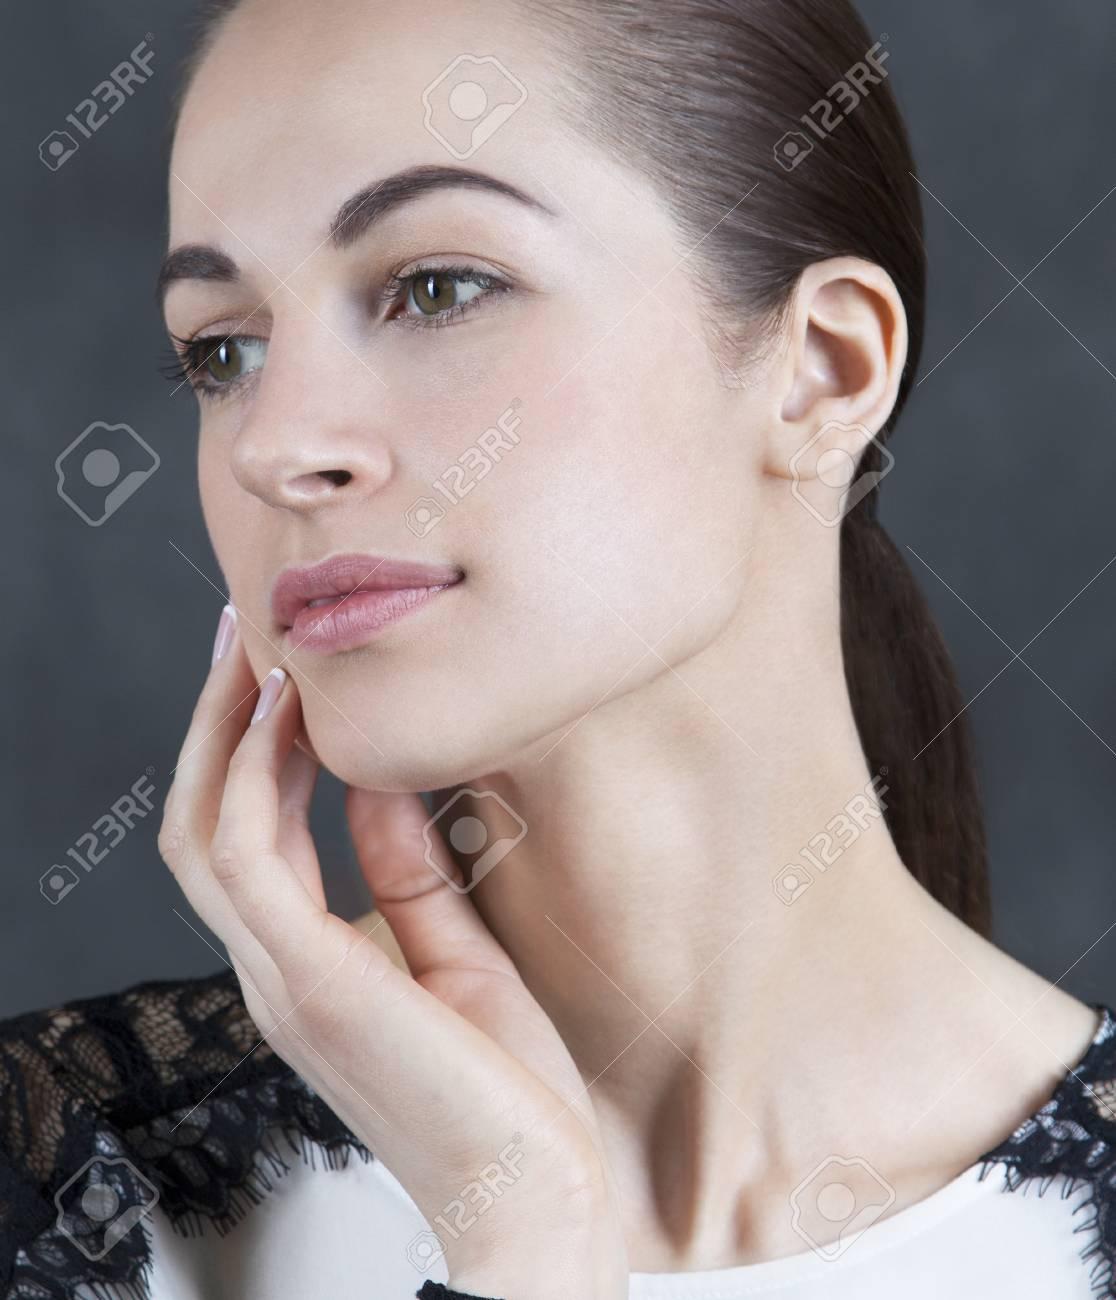 Enregistrer Telecharger L Apercu Belle Femme Modele Femme Avec Un Maquillage Nude Belle Peau Sur Fond Sombre Banque D Images Et Photos Libres De Droits Image 59587475